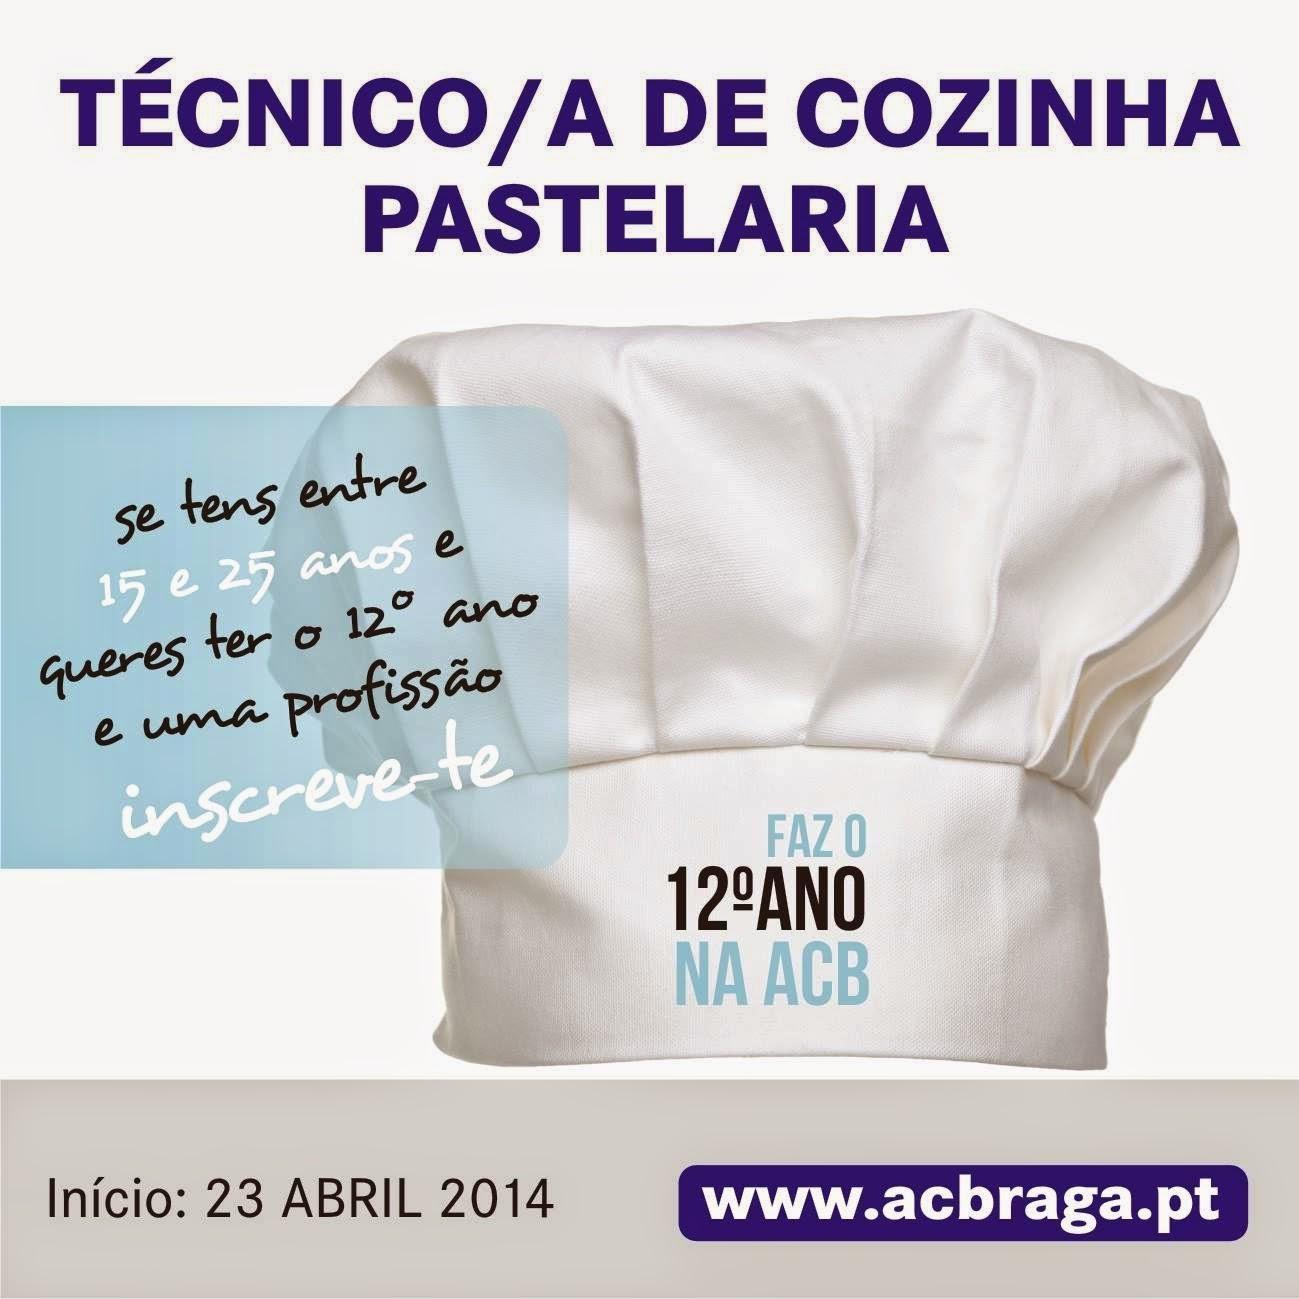 Curso de aprendizagem: Cozinha / Pastelaria – Braga (com equivalência ao 12º)